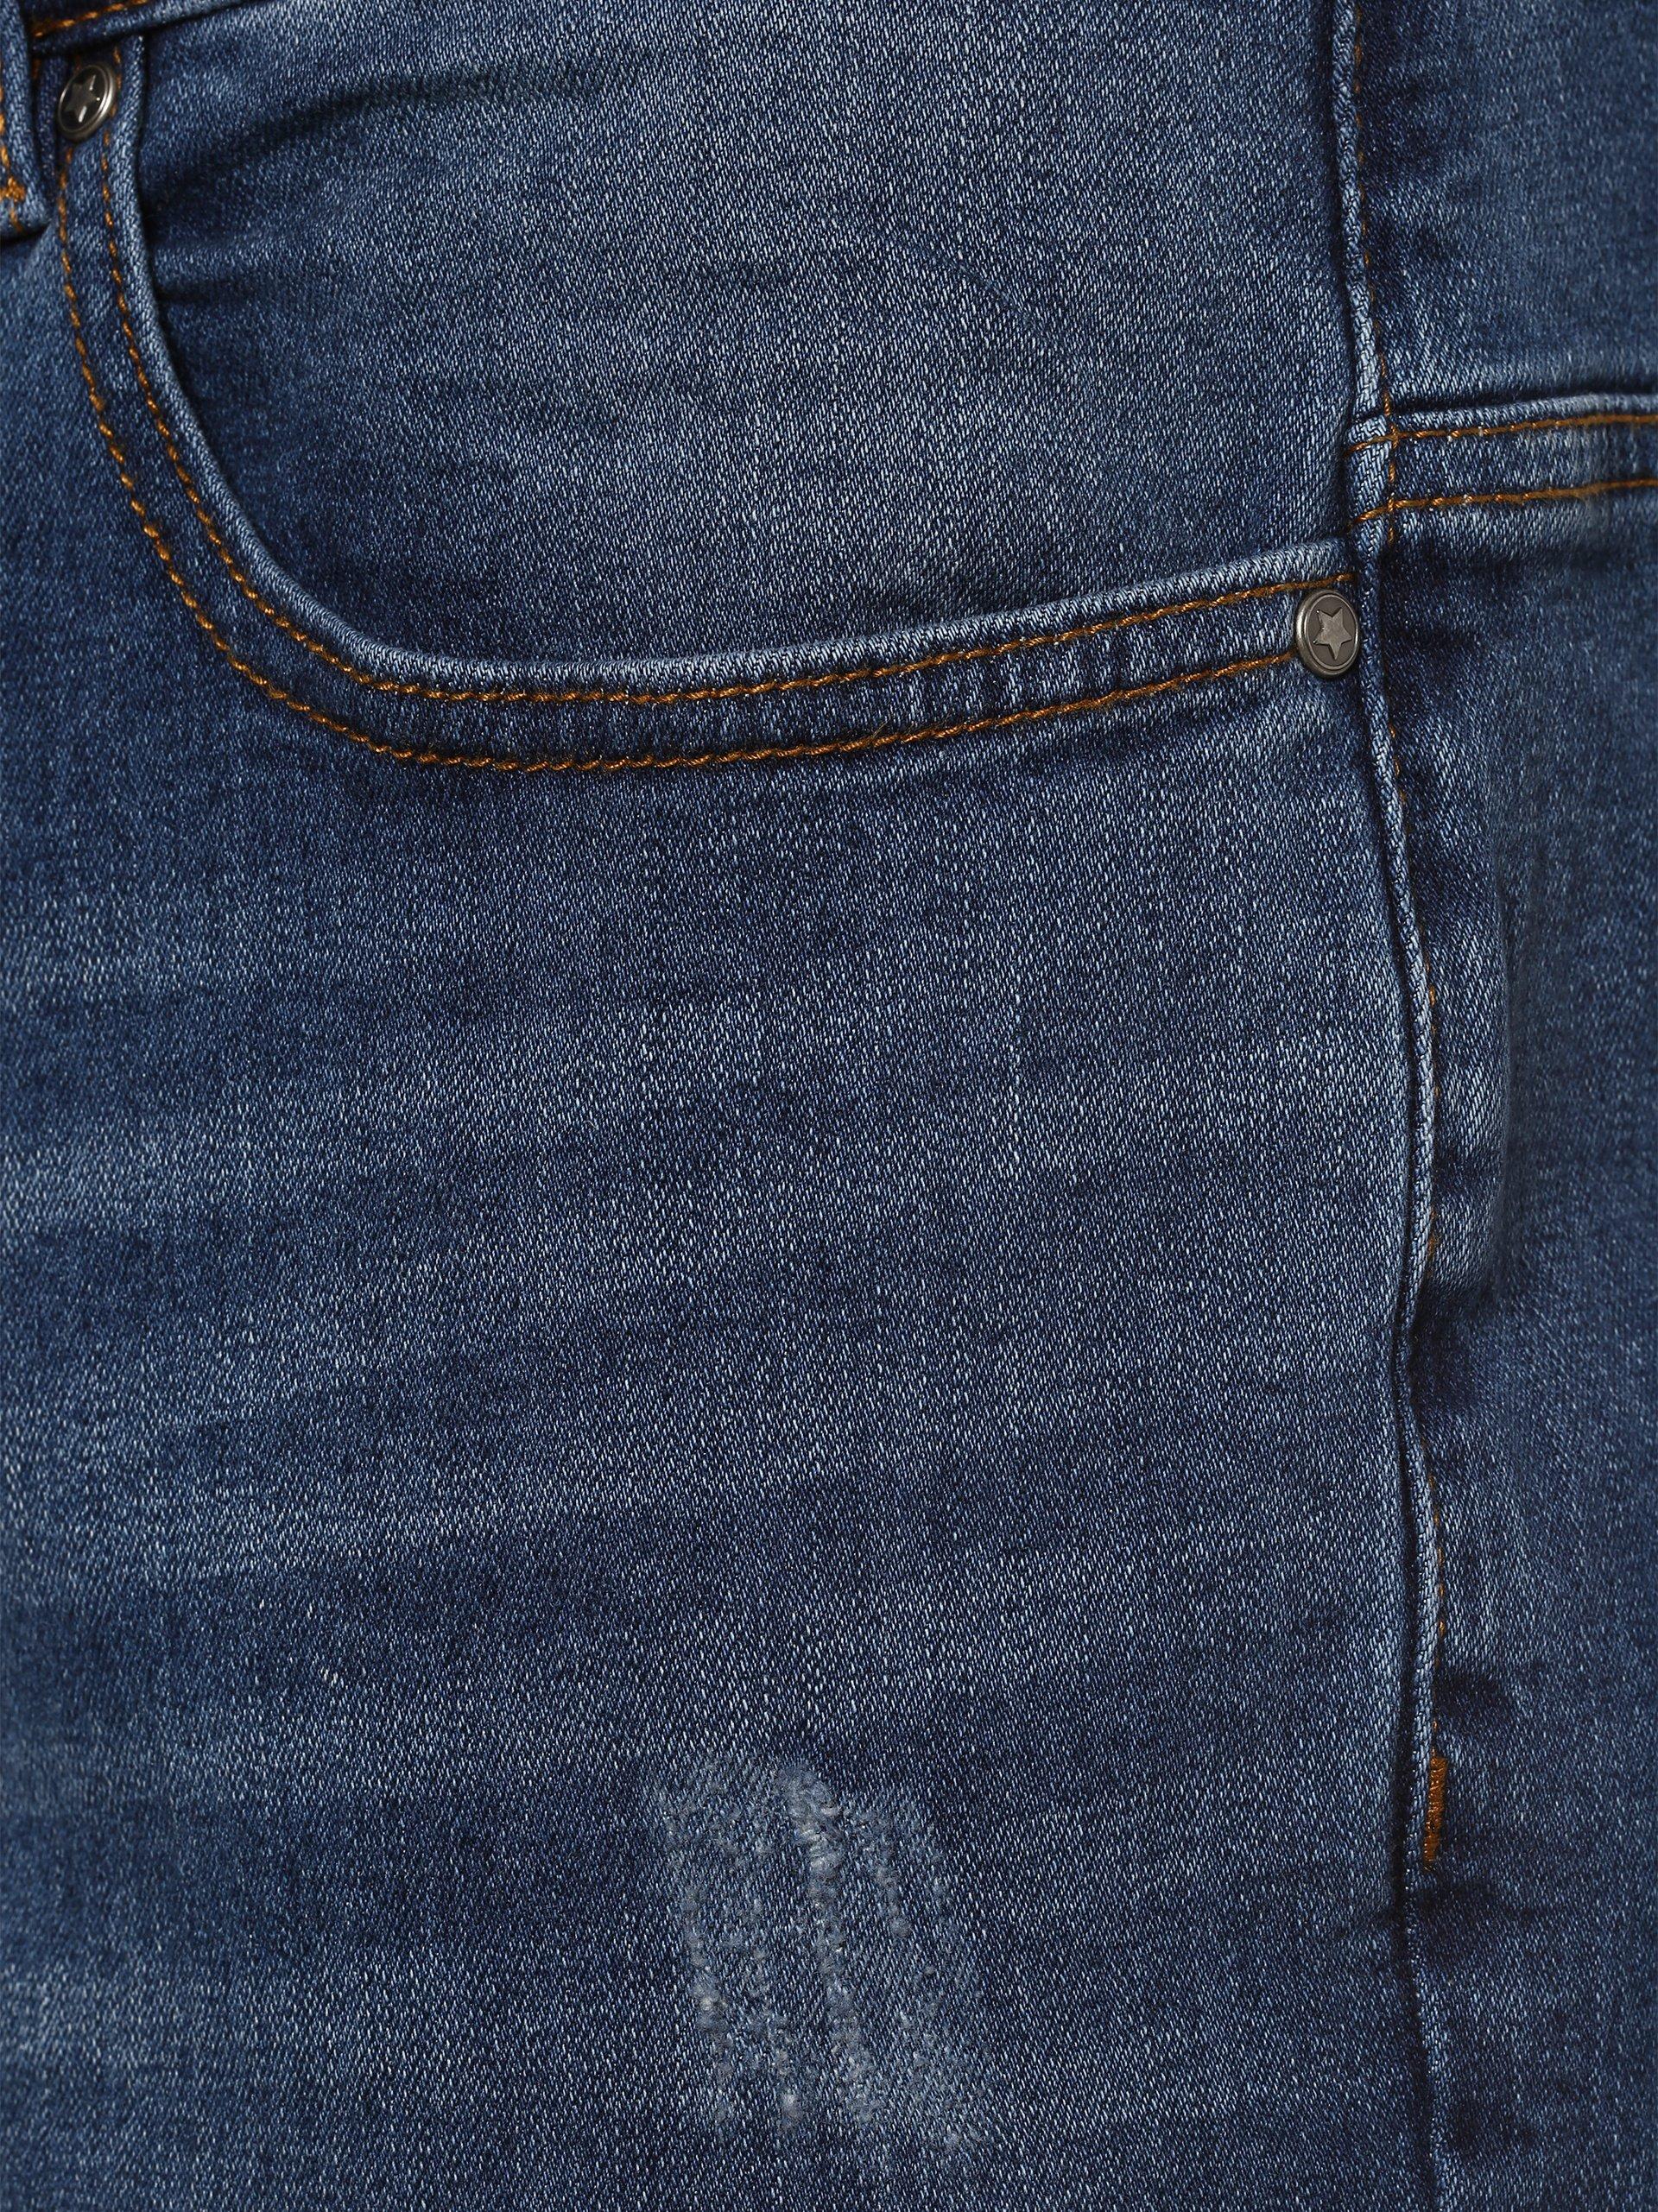 DENIM by Nils Sundström Herren Jeans